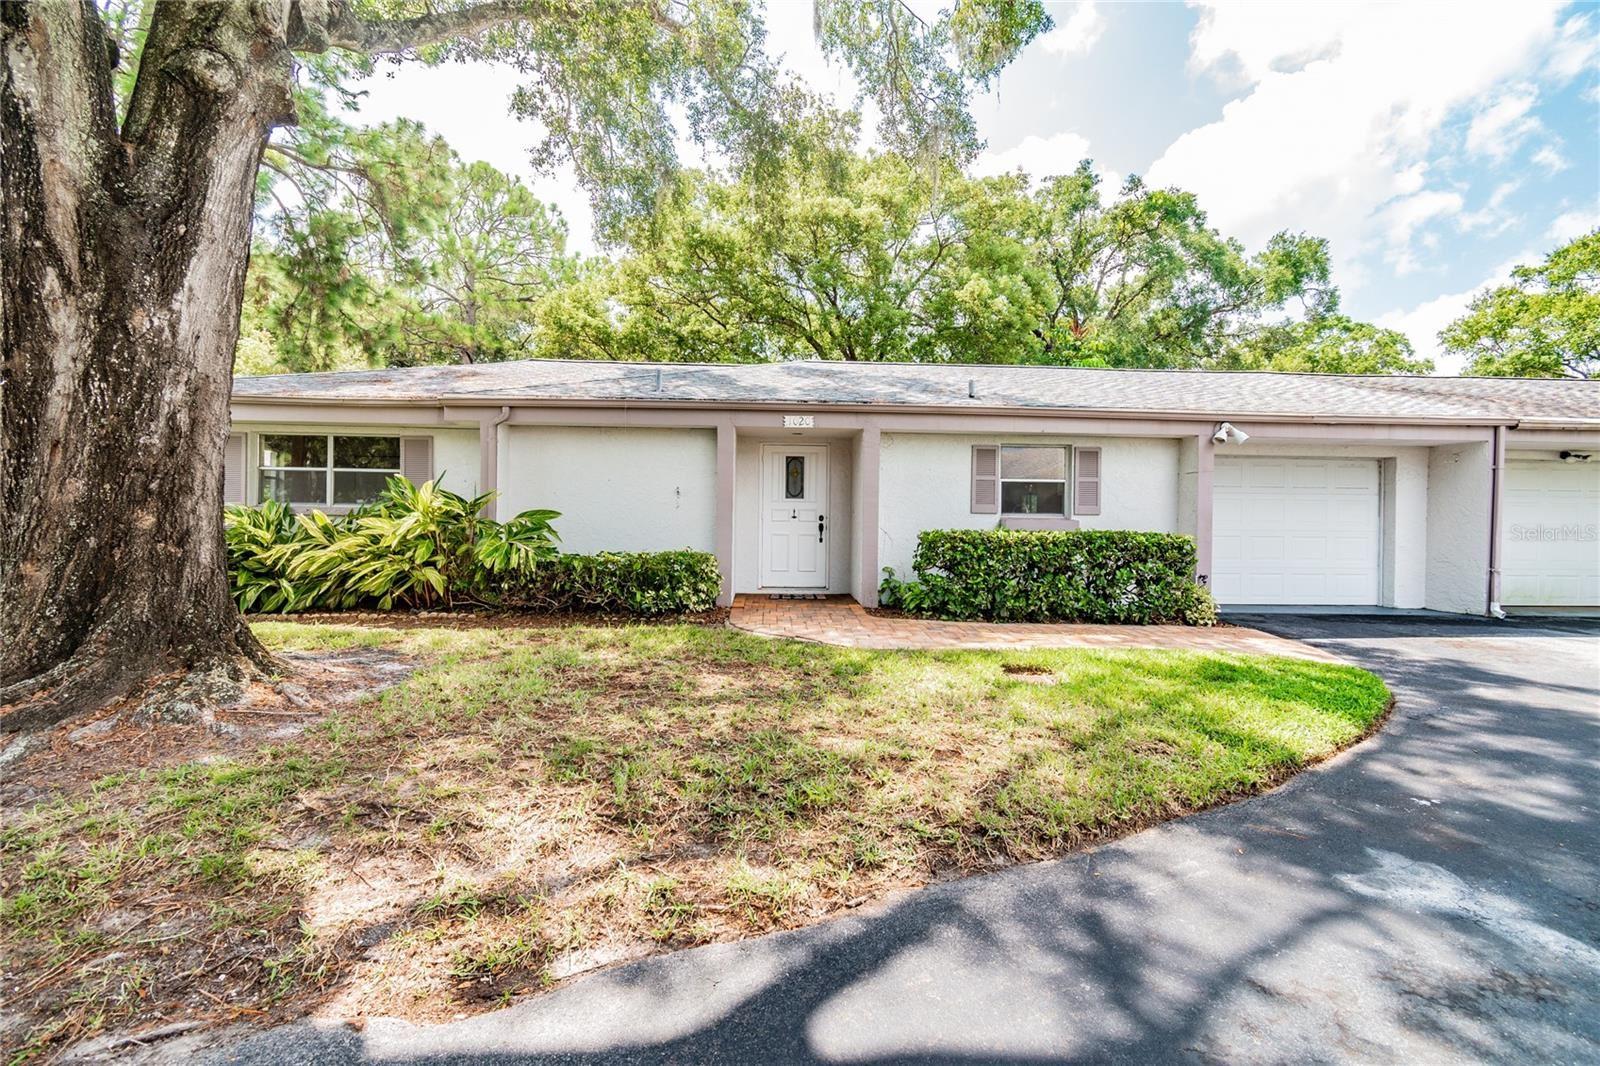 1020 PALMER LANE, Palm Harbor, FL 34685 - #: U8135473